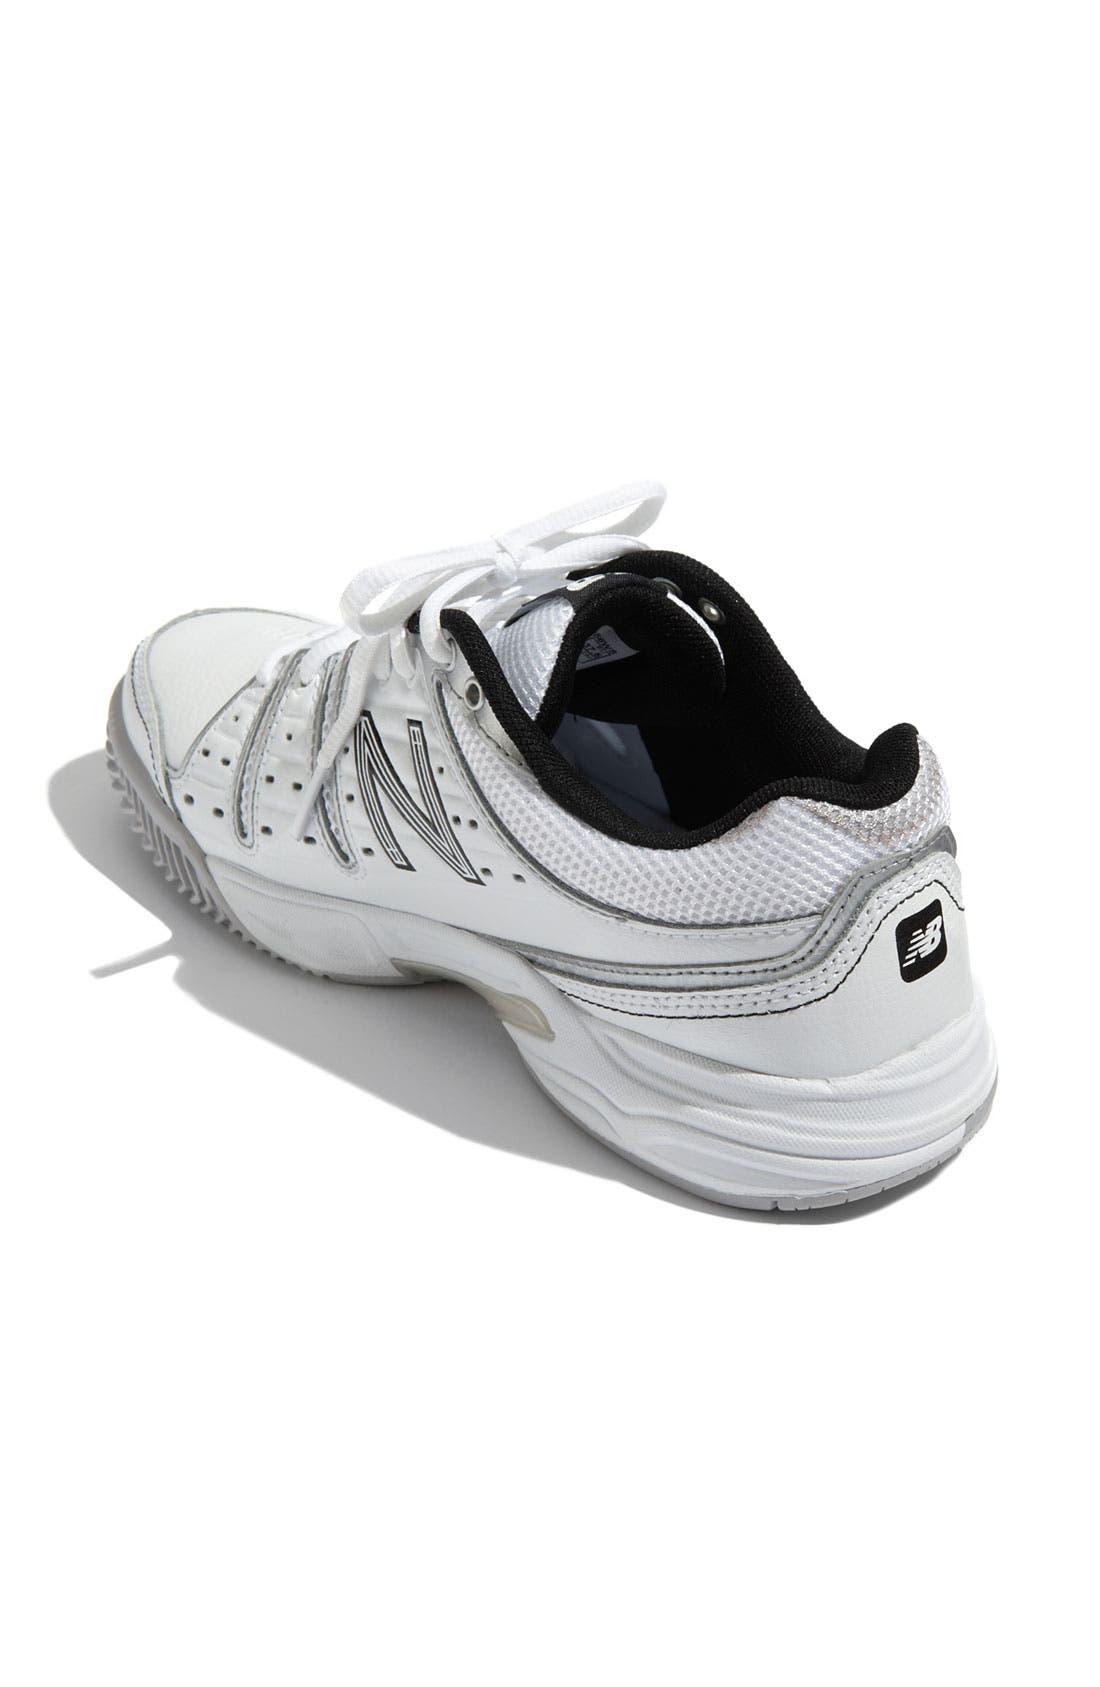 Alternate Image 2  - New Balance '656' Tennis Shoe (Women)(Retail Price: $79.95)